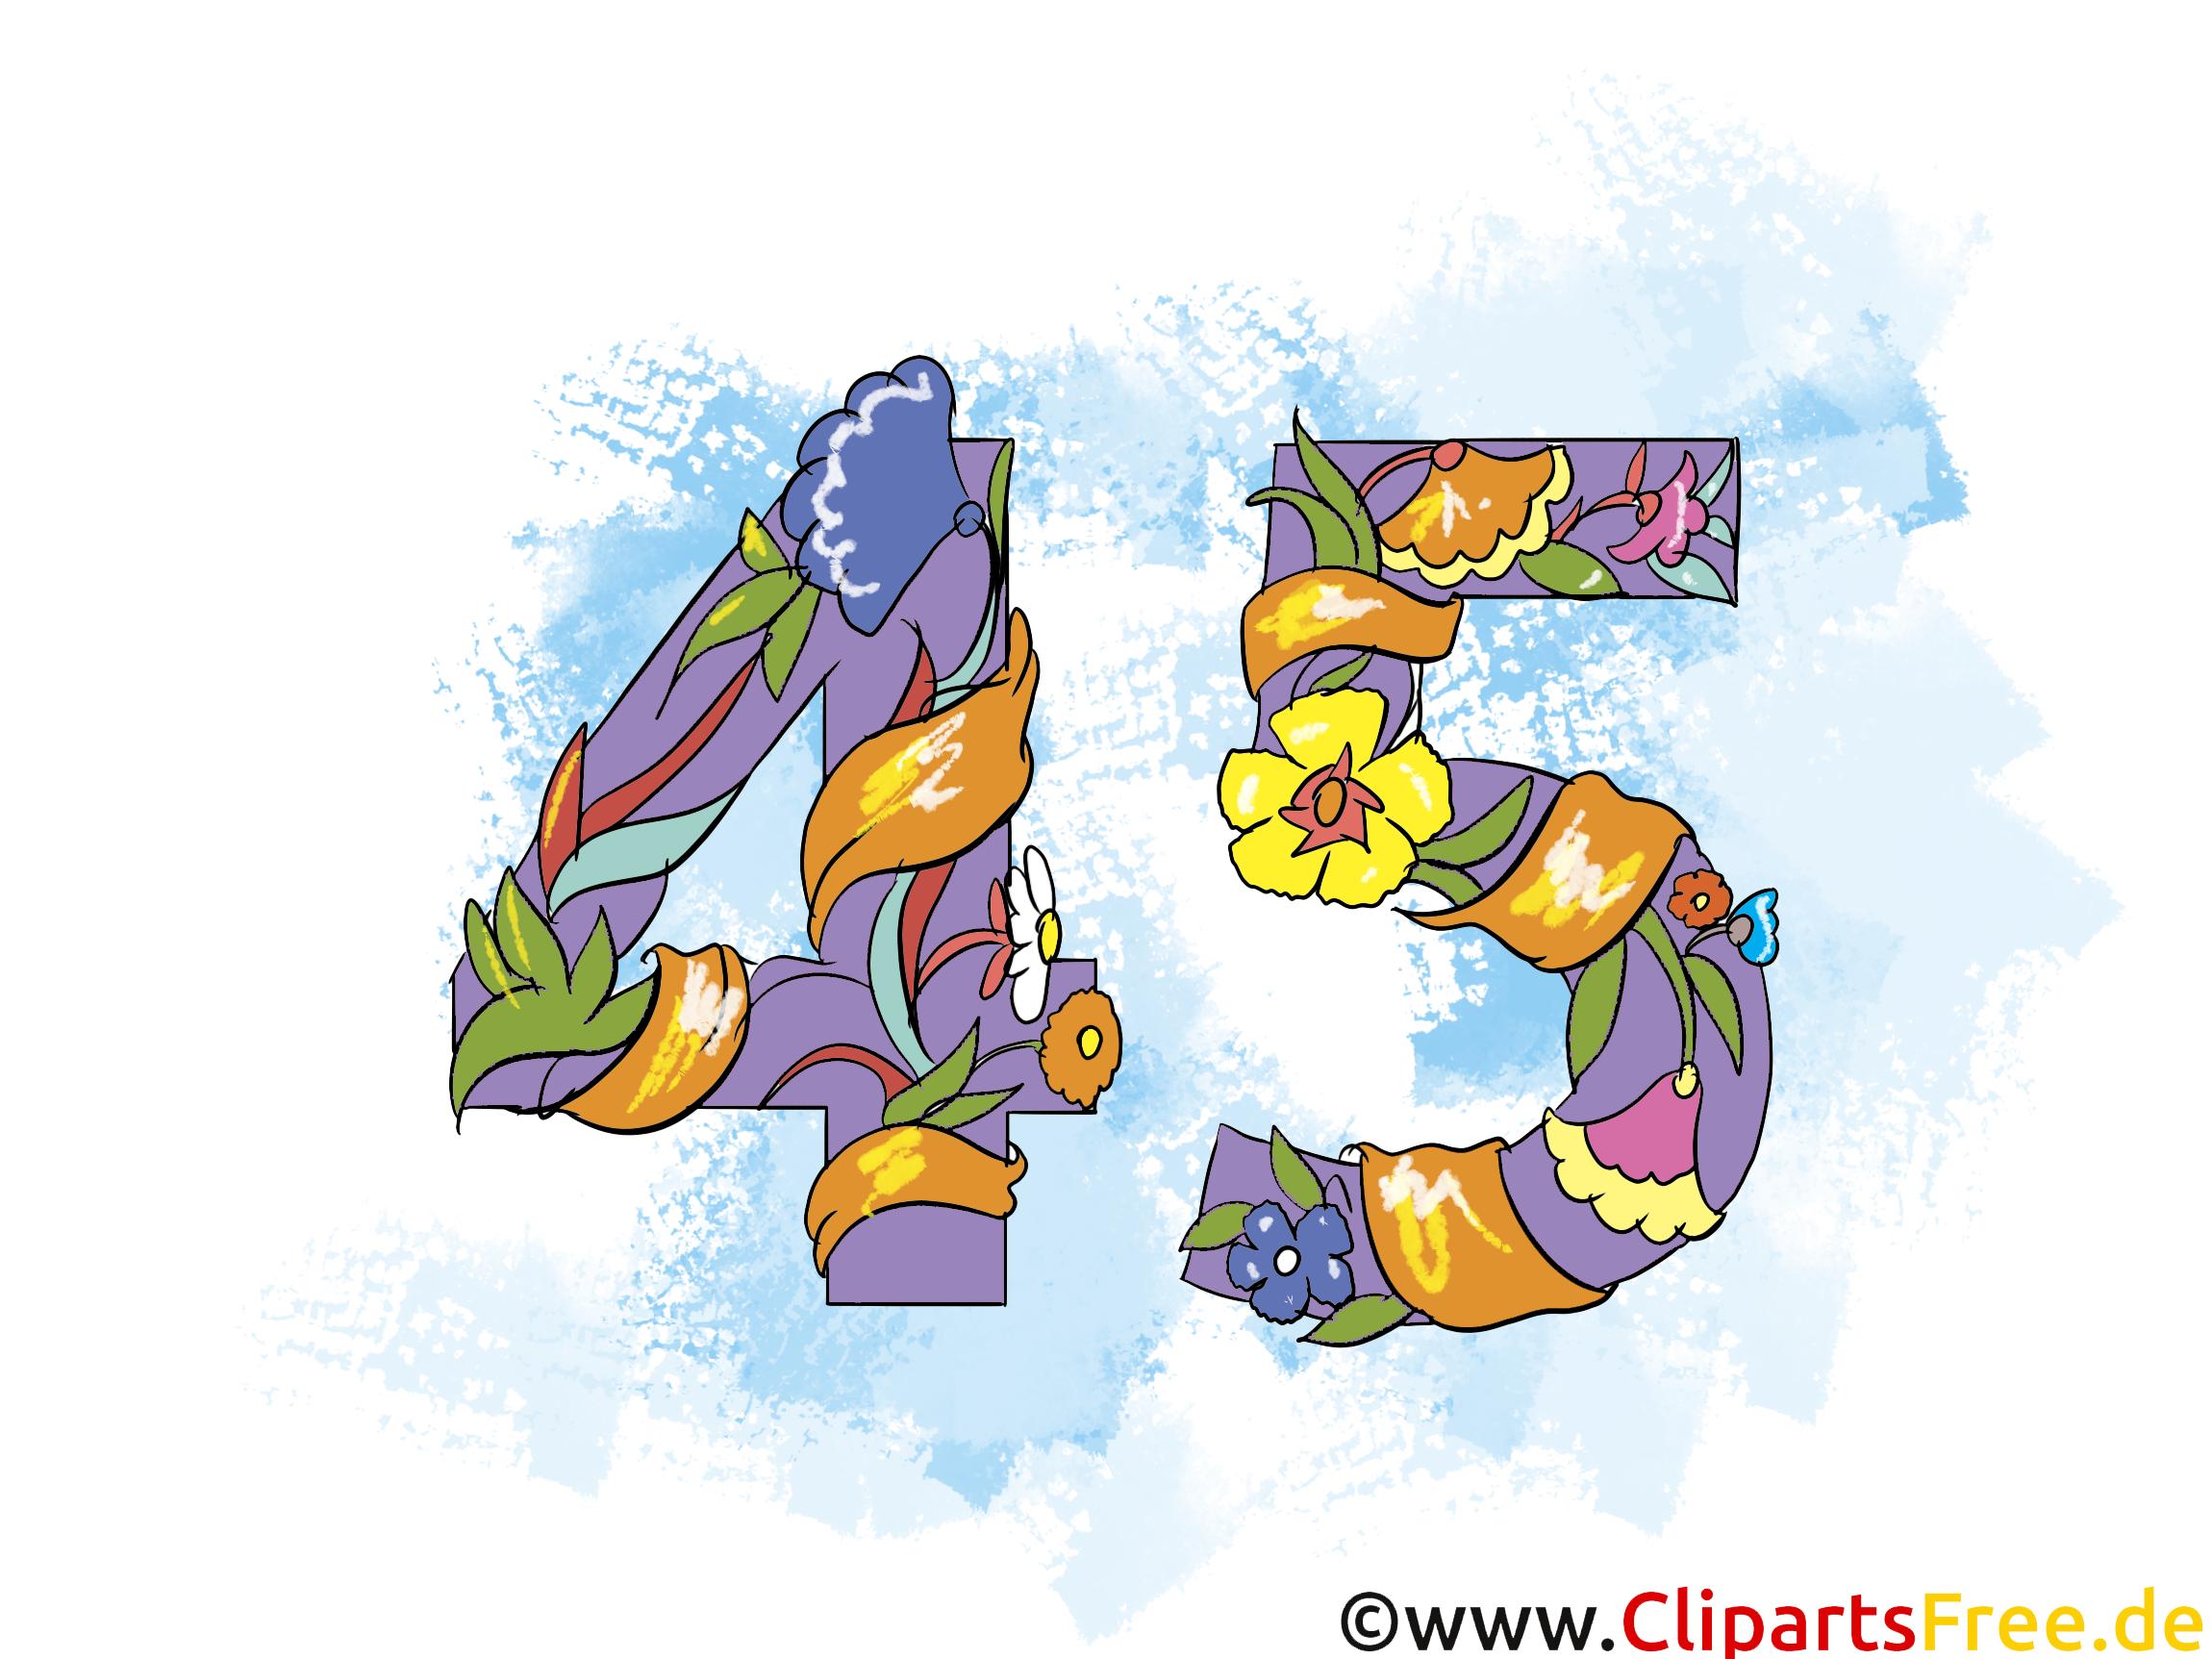 45 ans dessin – Anniversaire à télécharger - Anniversaire dessin, picture, image, graphic, clip ...